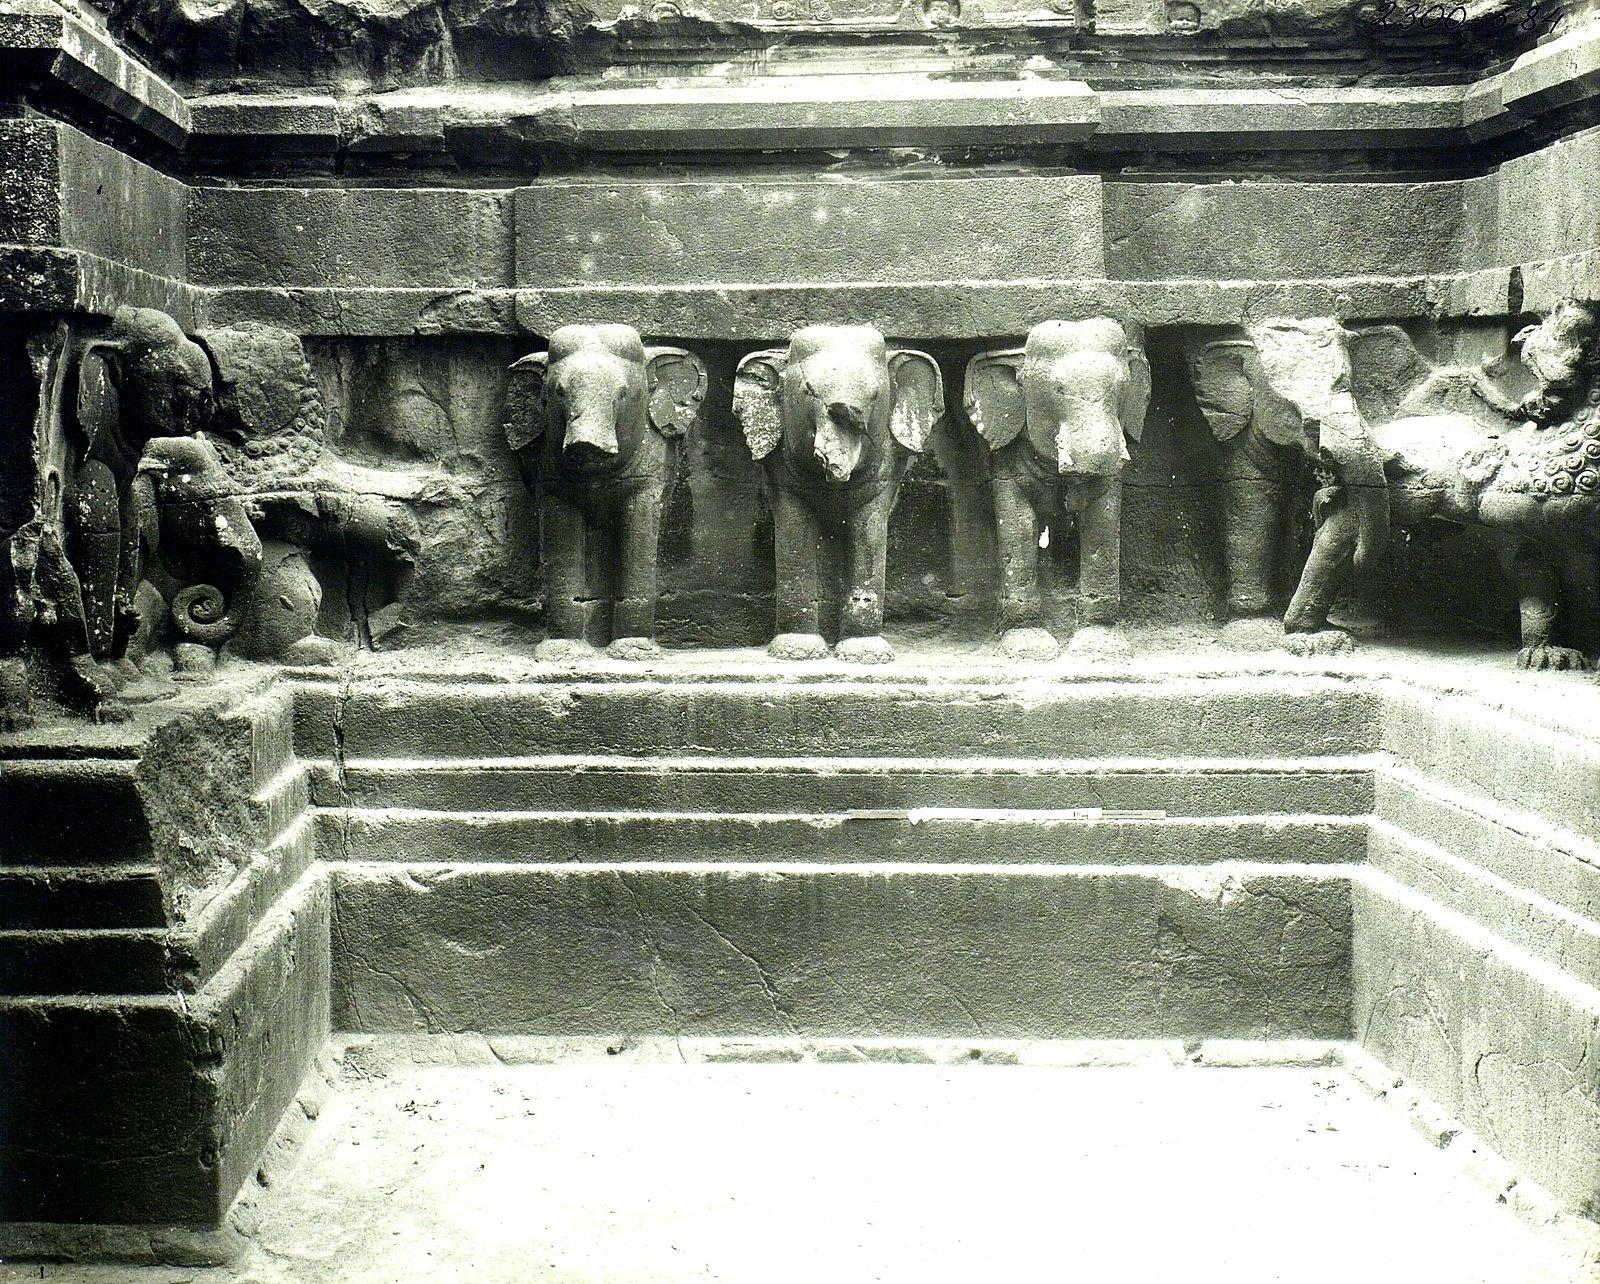 Храм Кайласа в Эллоре (деталь рельефа со слонами и львами) (13)